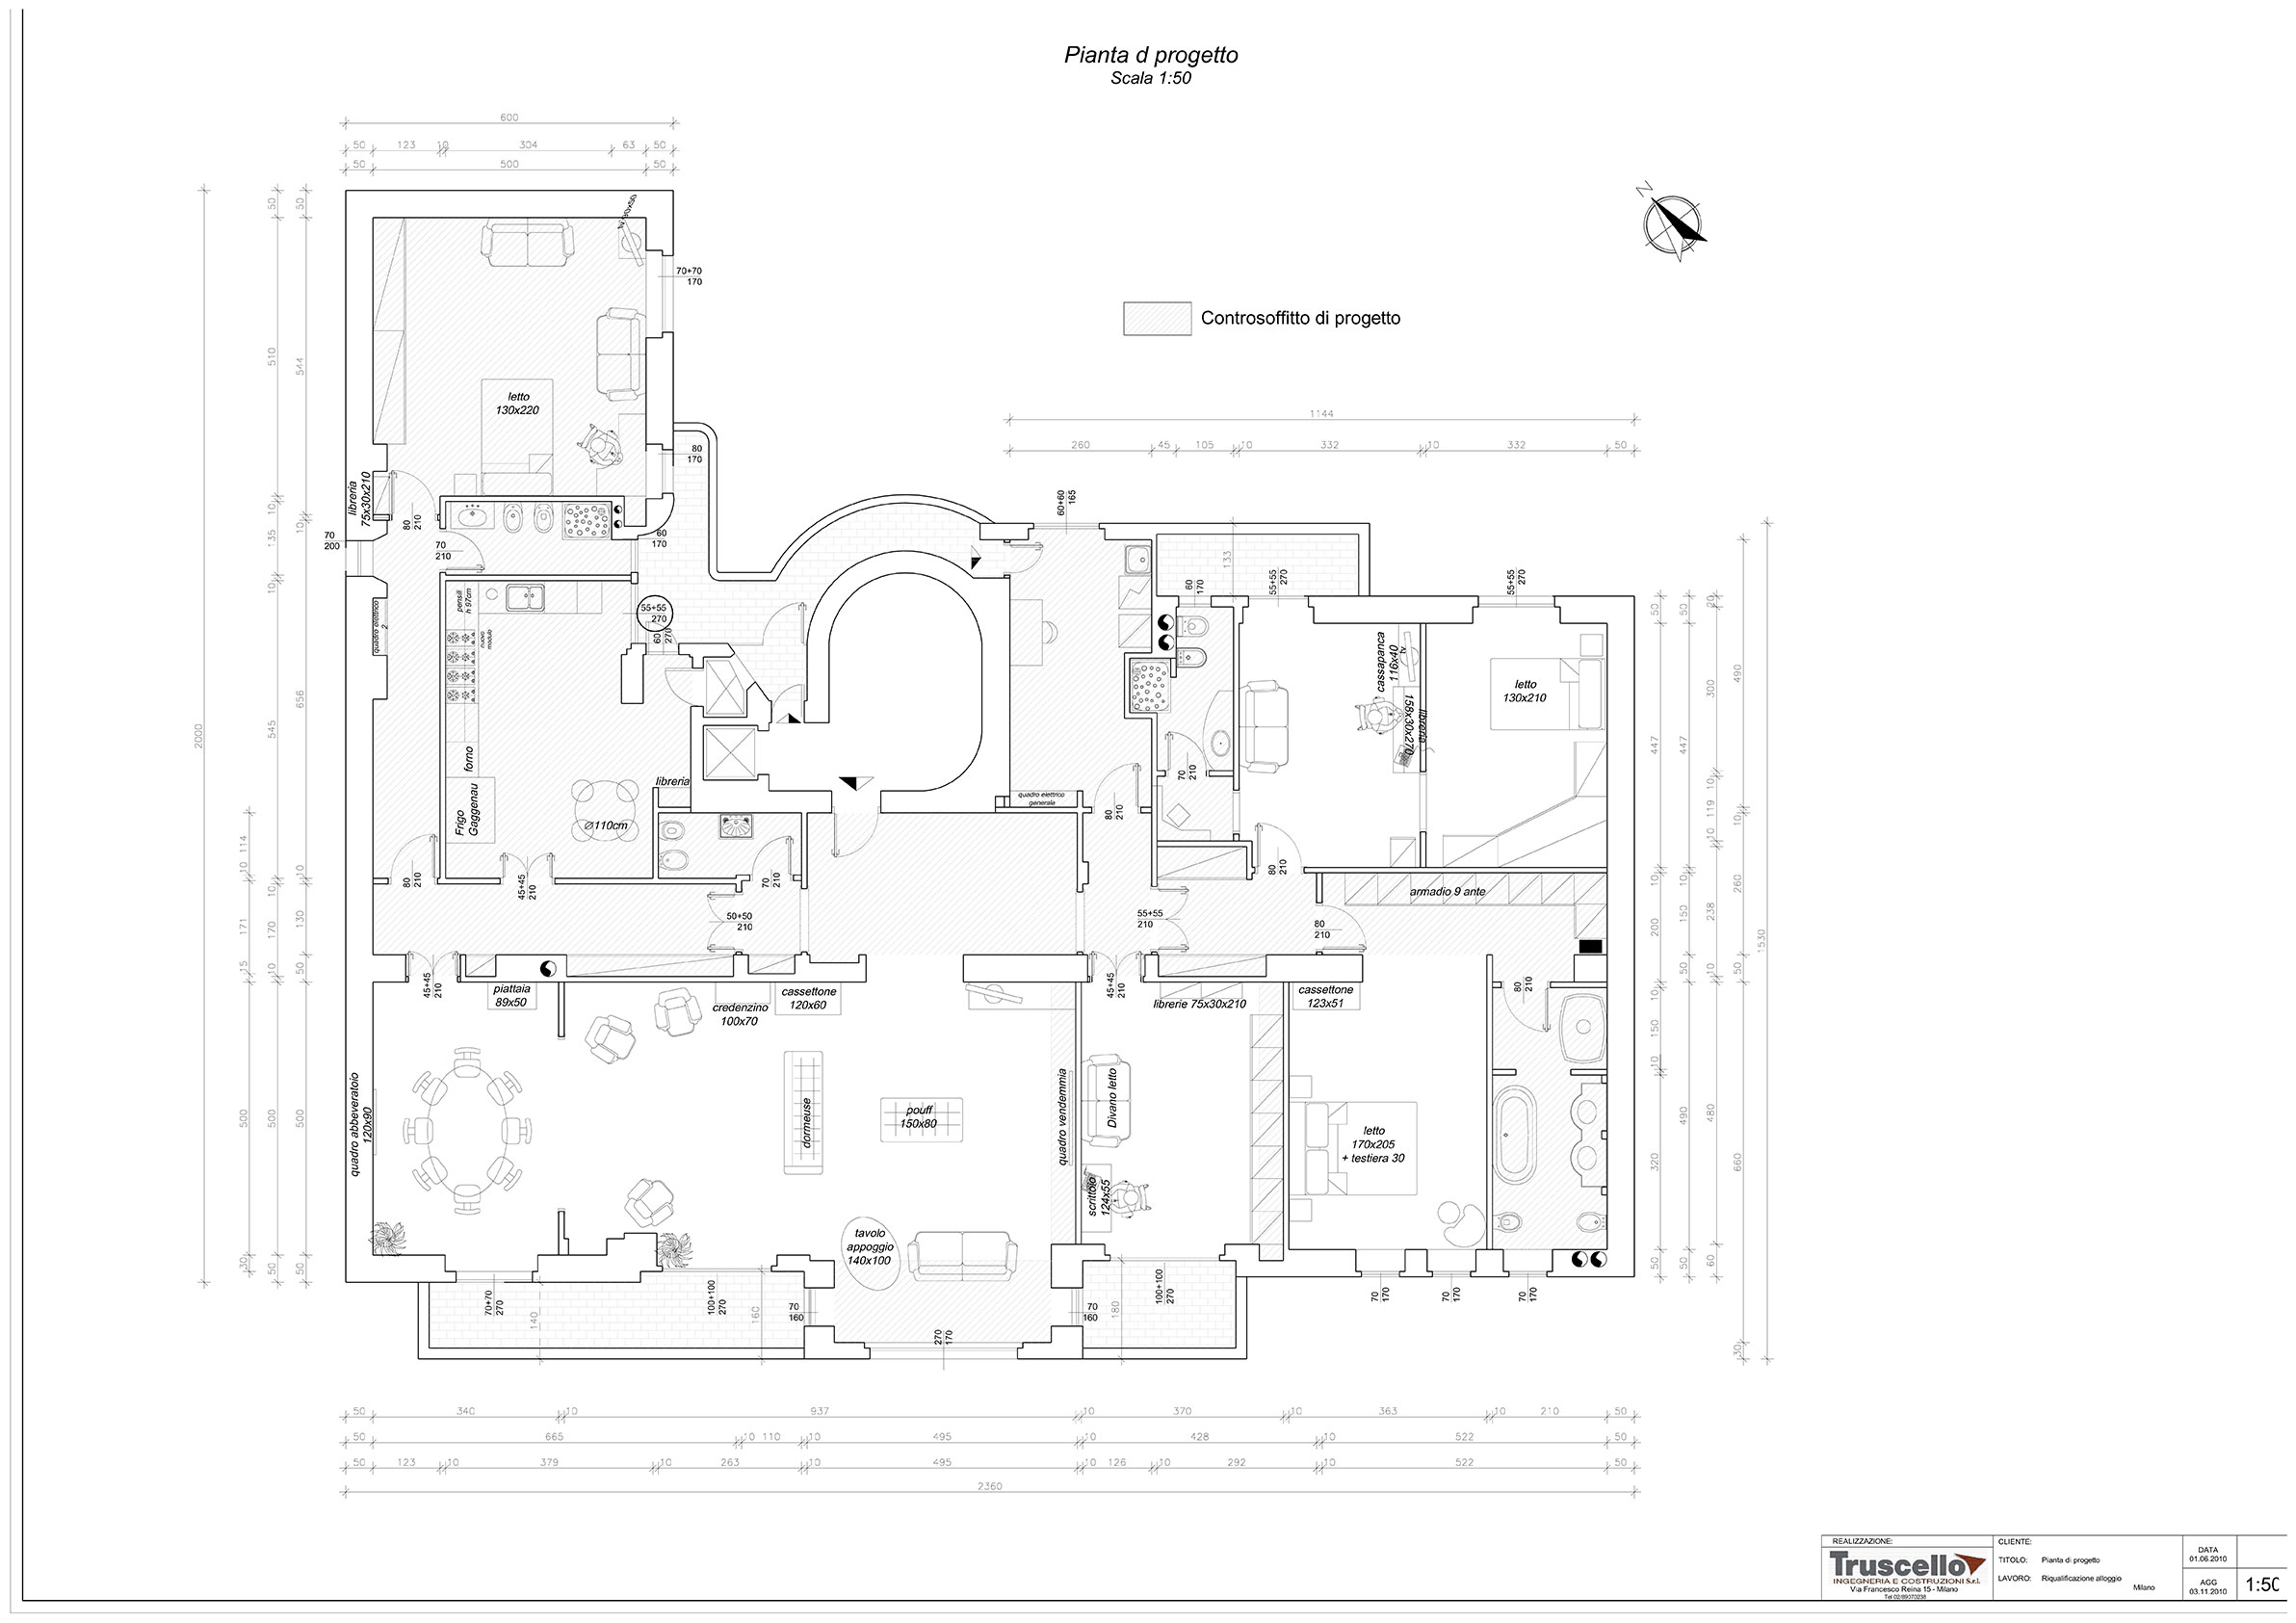 2. Elaborato grafico esecutivo con pianta di progetto per riqualificazione alloggio residenziale: stato di progetto.